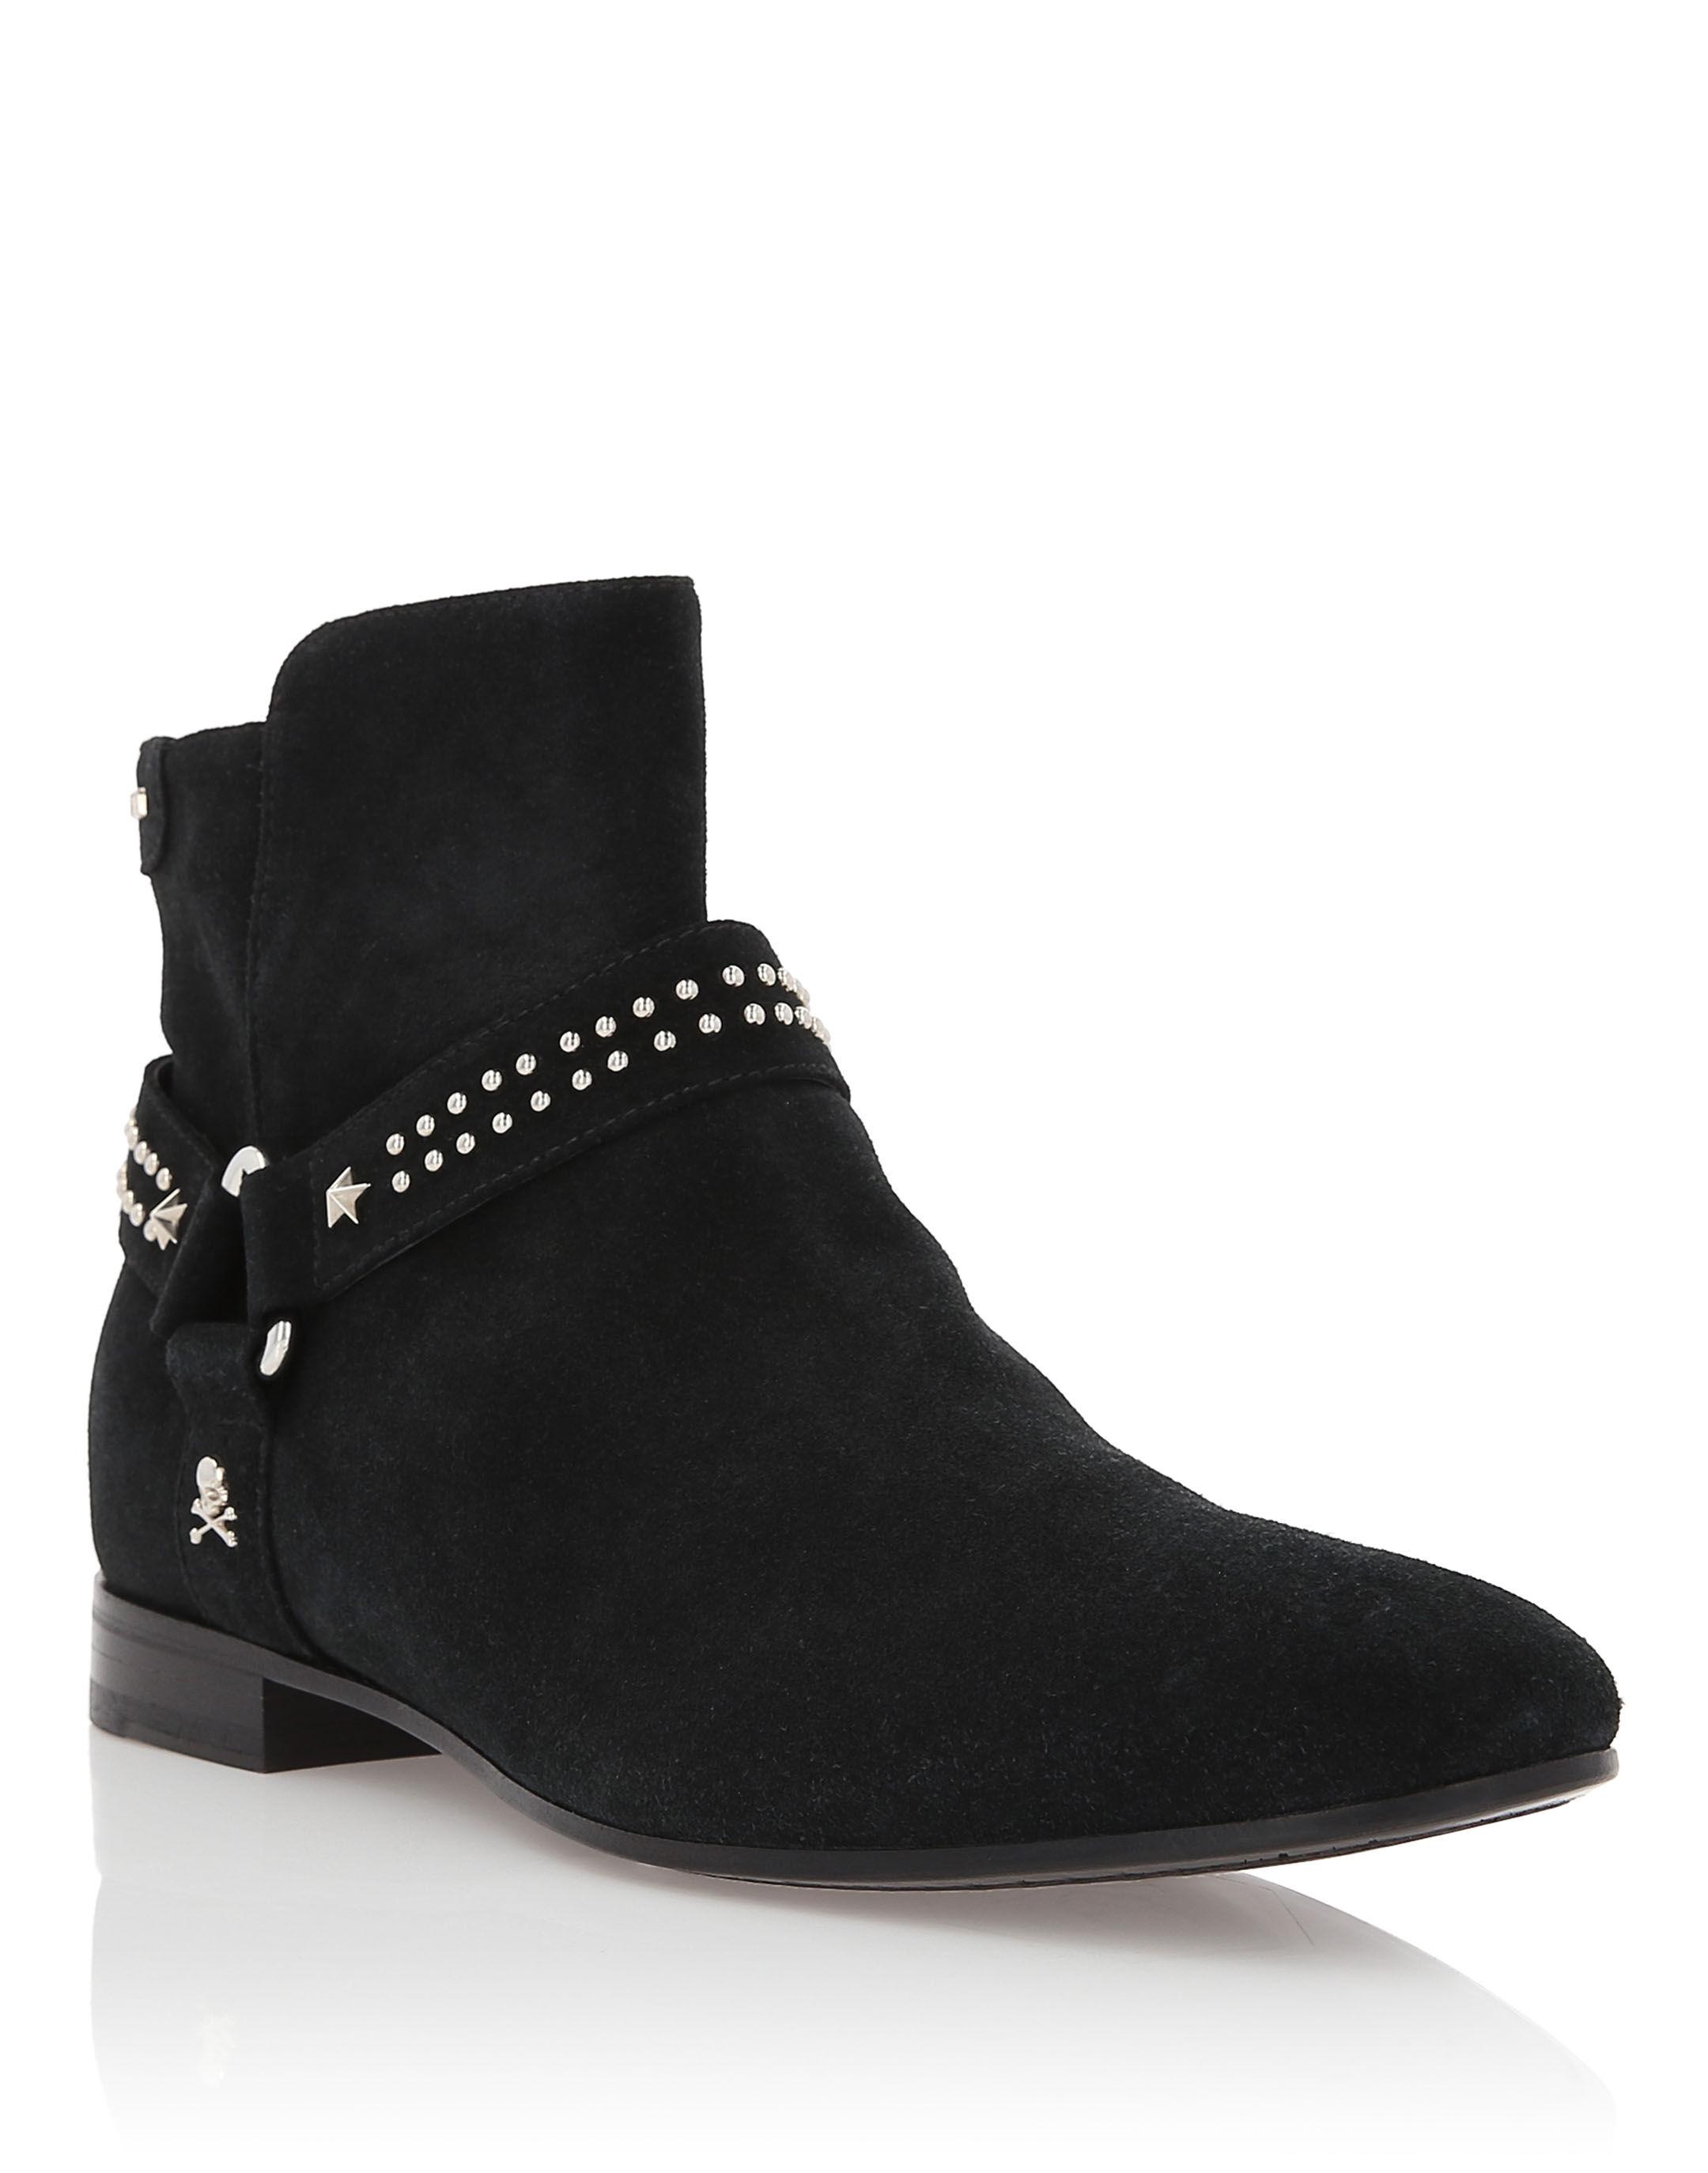 Chaussures De Sport Pour Les Hommes À La Vente, Noir, Tissu, 2017, 41 42 40,5 39,5 42,5 43,5 44 Prada